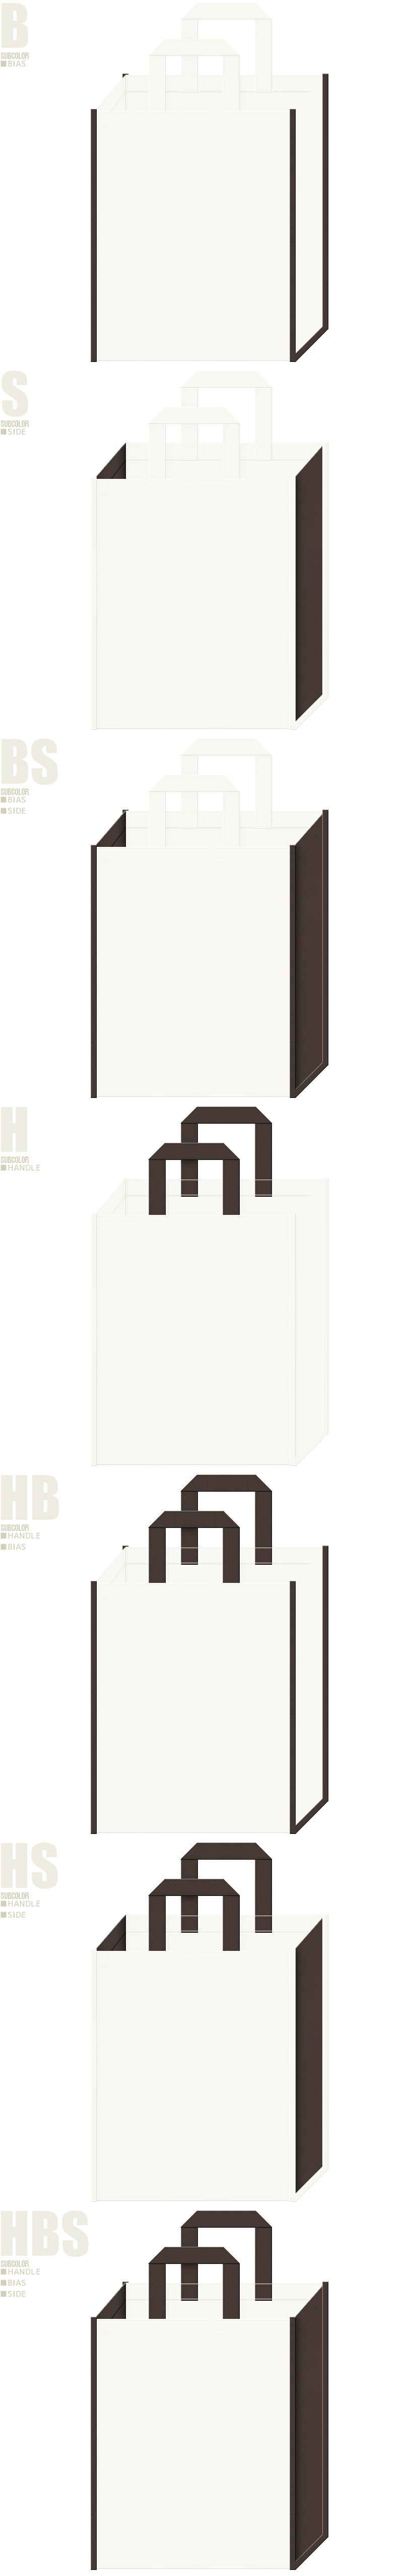 オフィス・マンション・店舗インテリア・ハウジングの展示会用バッグにお奨めです。和モダン・障子・襖の和風イメージにも合います。オフホワイト色とこげ茶色の不織布バッグ配色7パターンのデザイン。